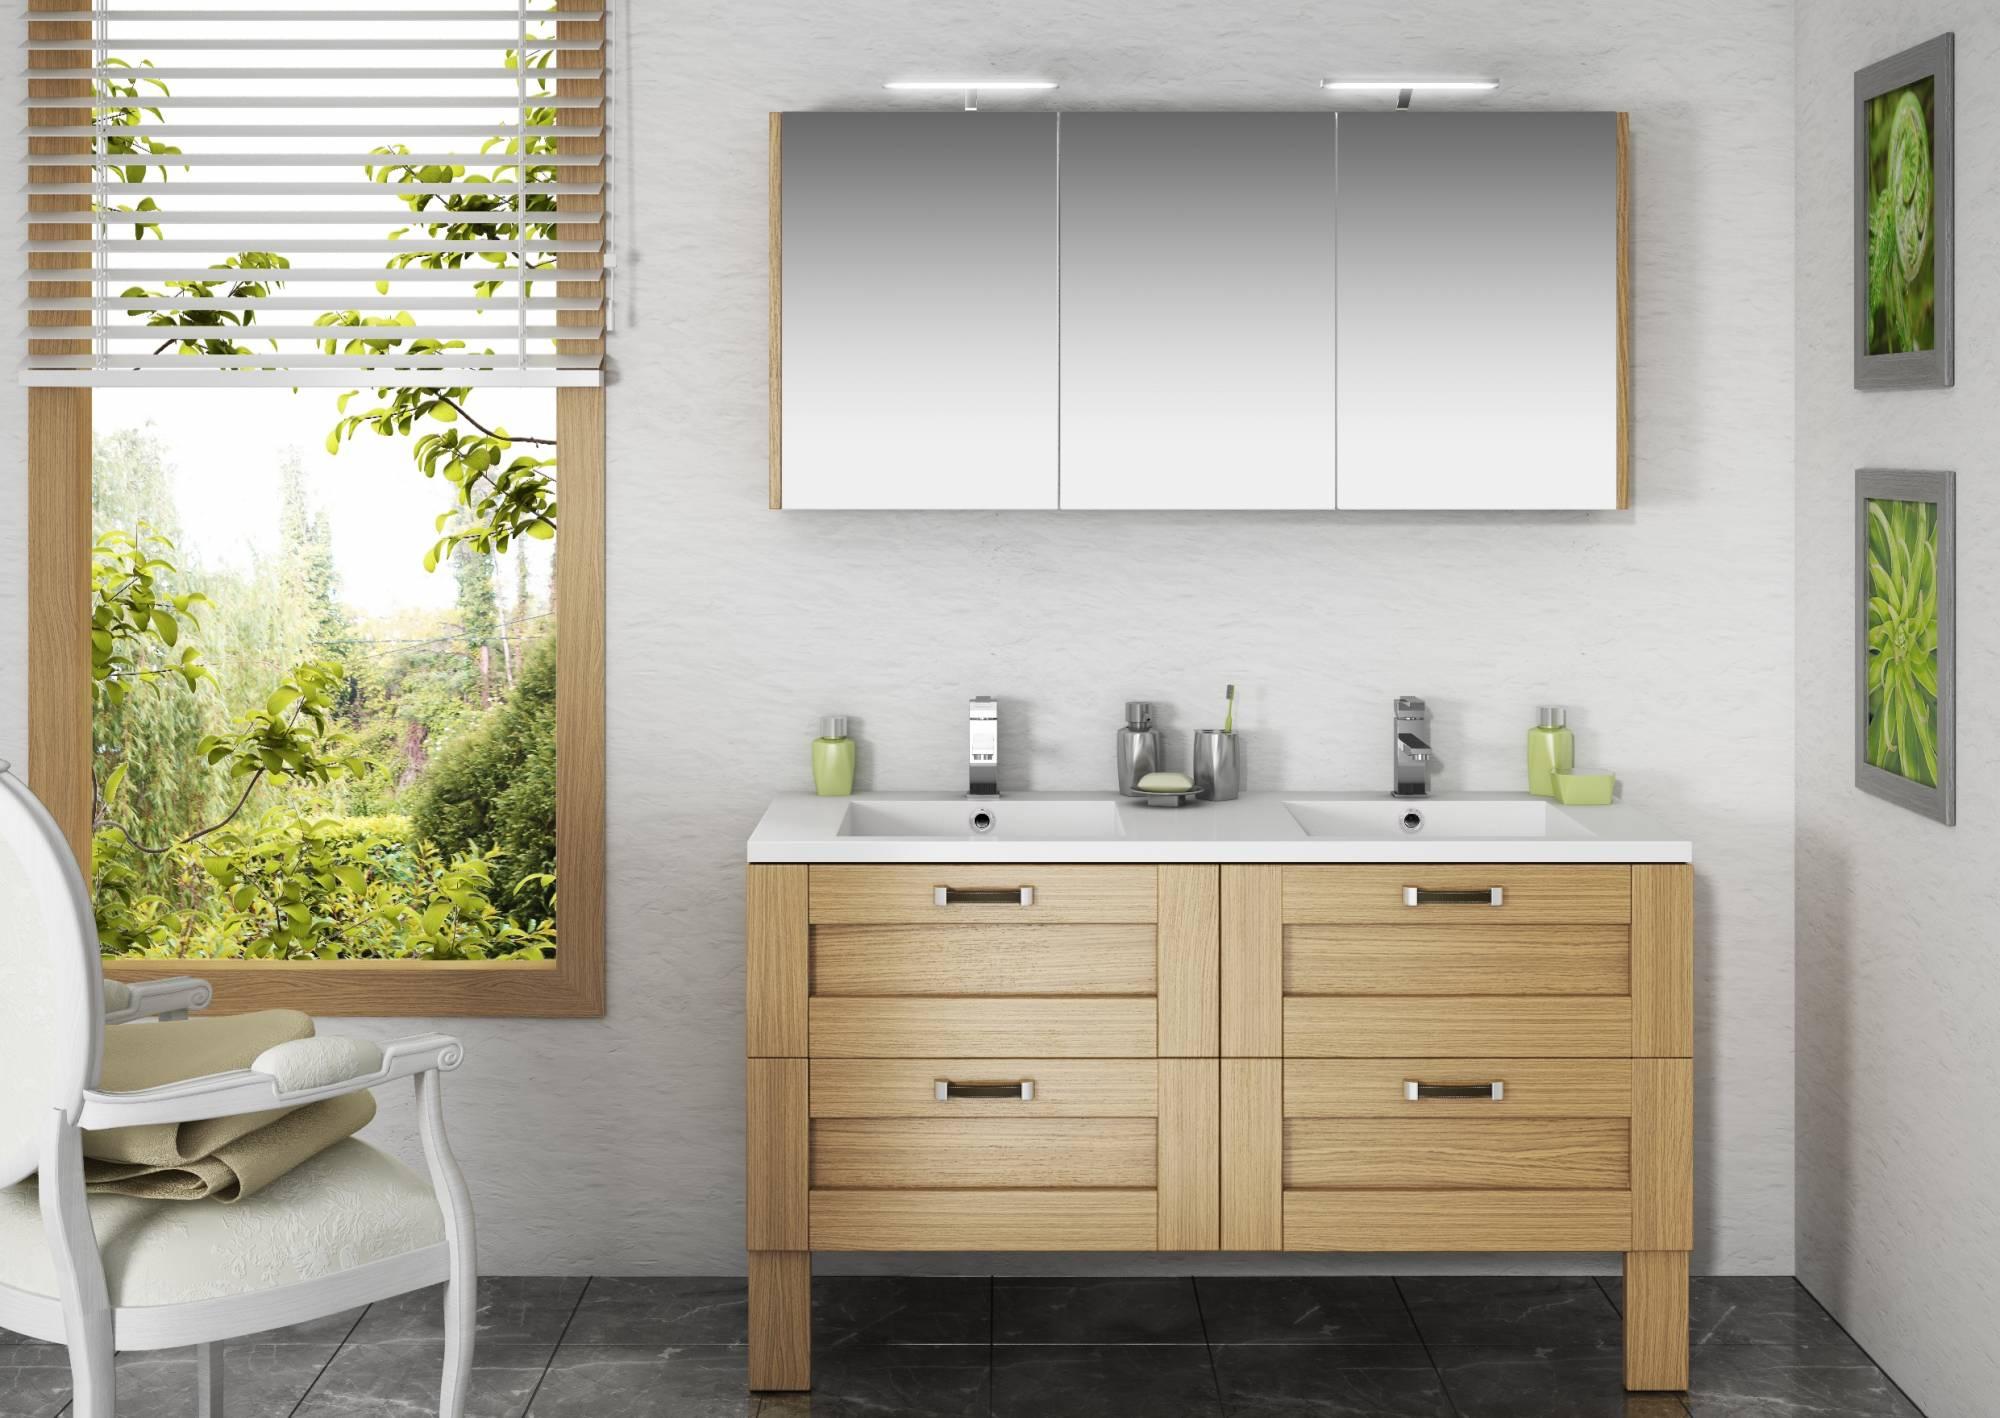 Vente de meuble suspendu pour salle de bains cosy en ch ne for Meuble salle de bain chene massif